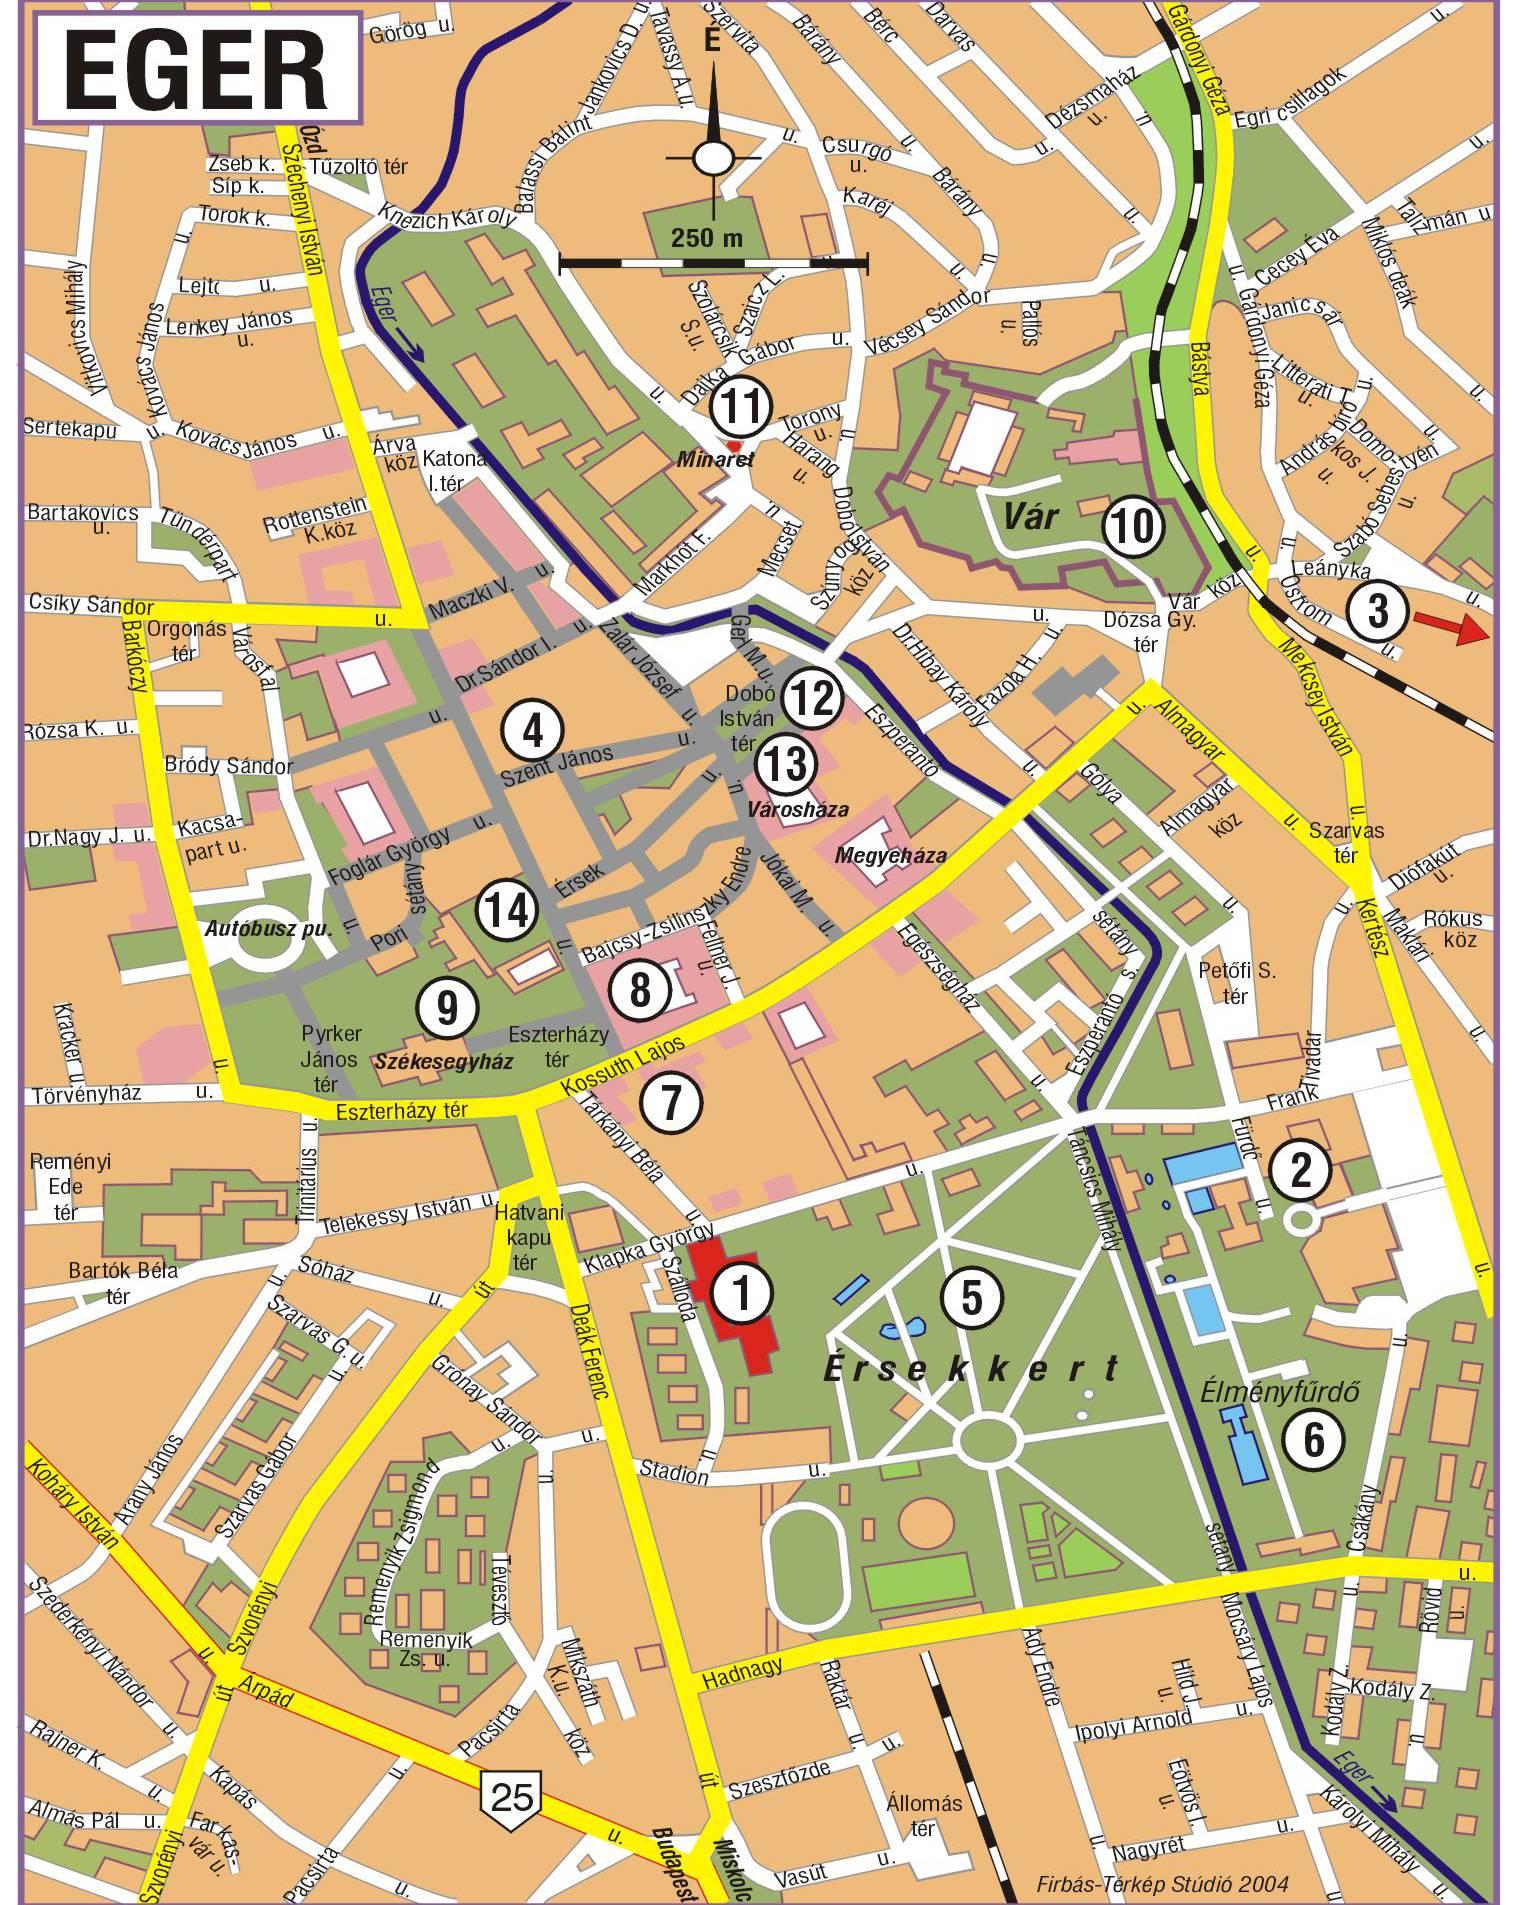 匈牙利艾格爾地图,匈牙利地图高清中文版